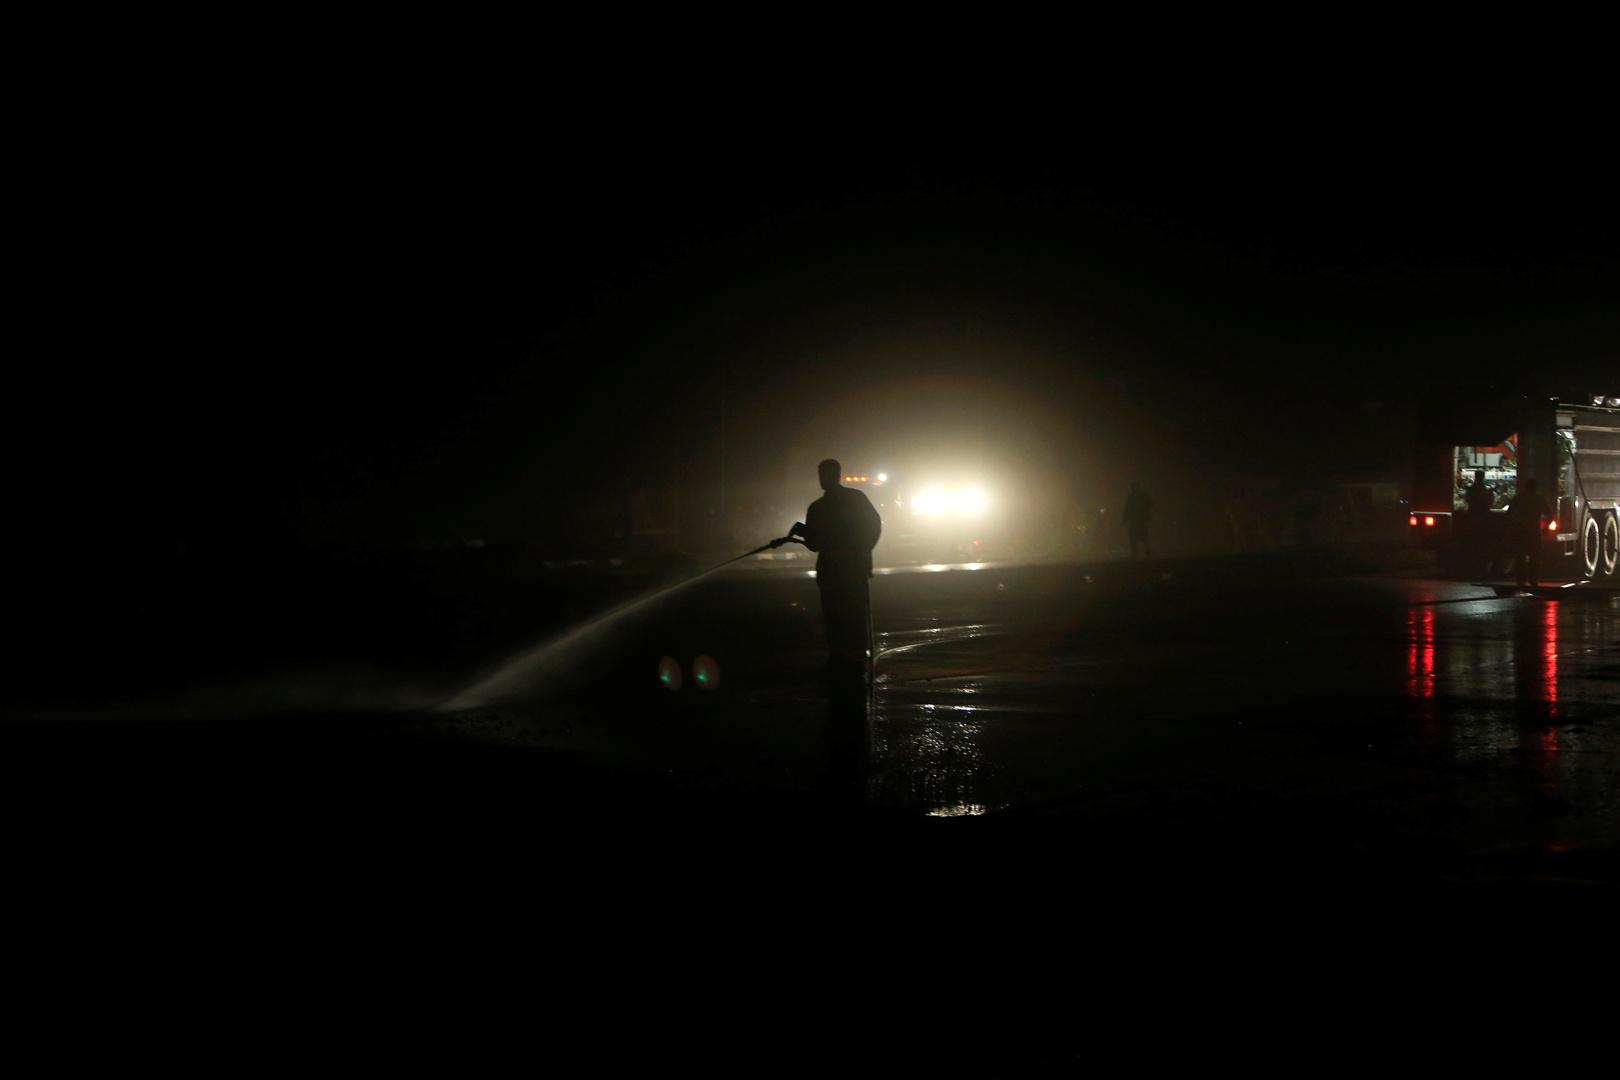 السلطات العراقية تعلن تفاصيل تفجير حقلي نفط